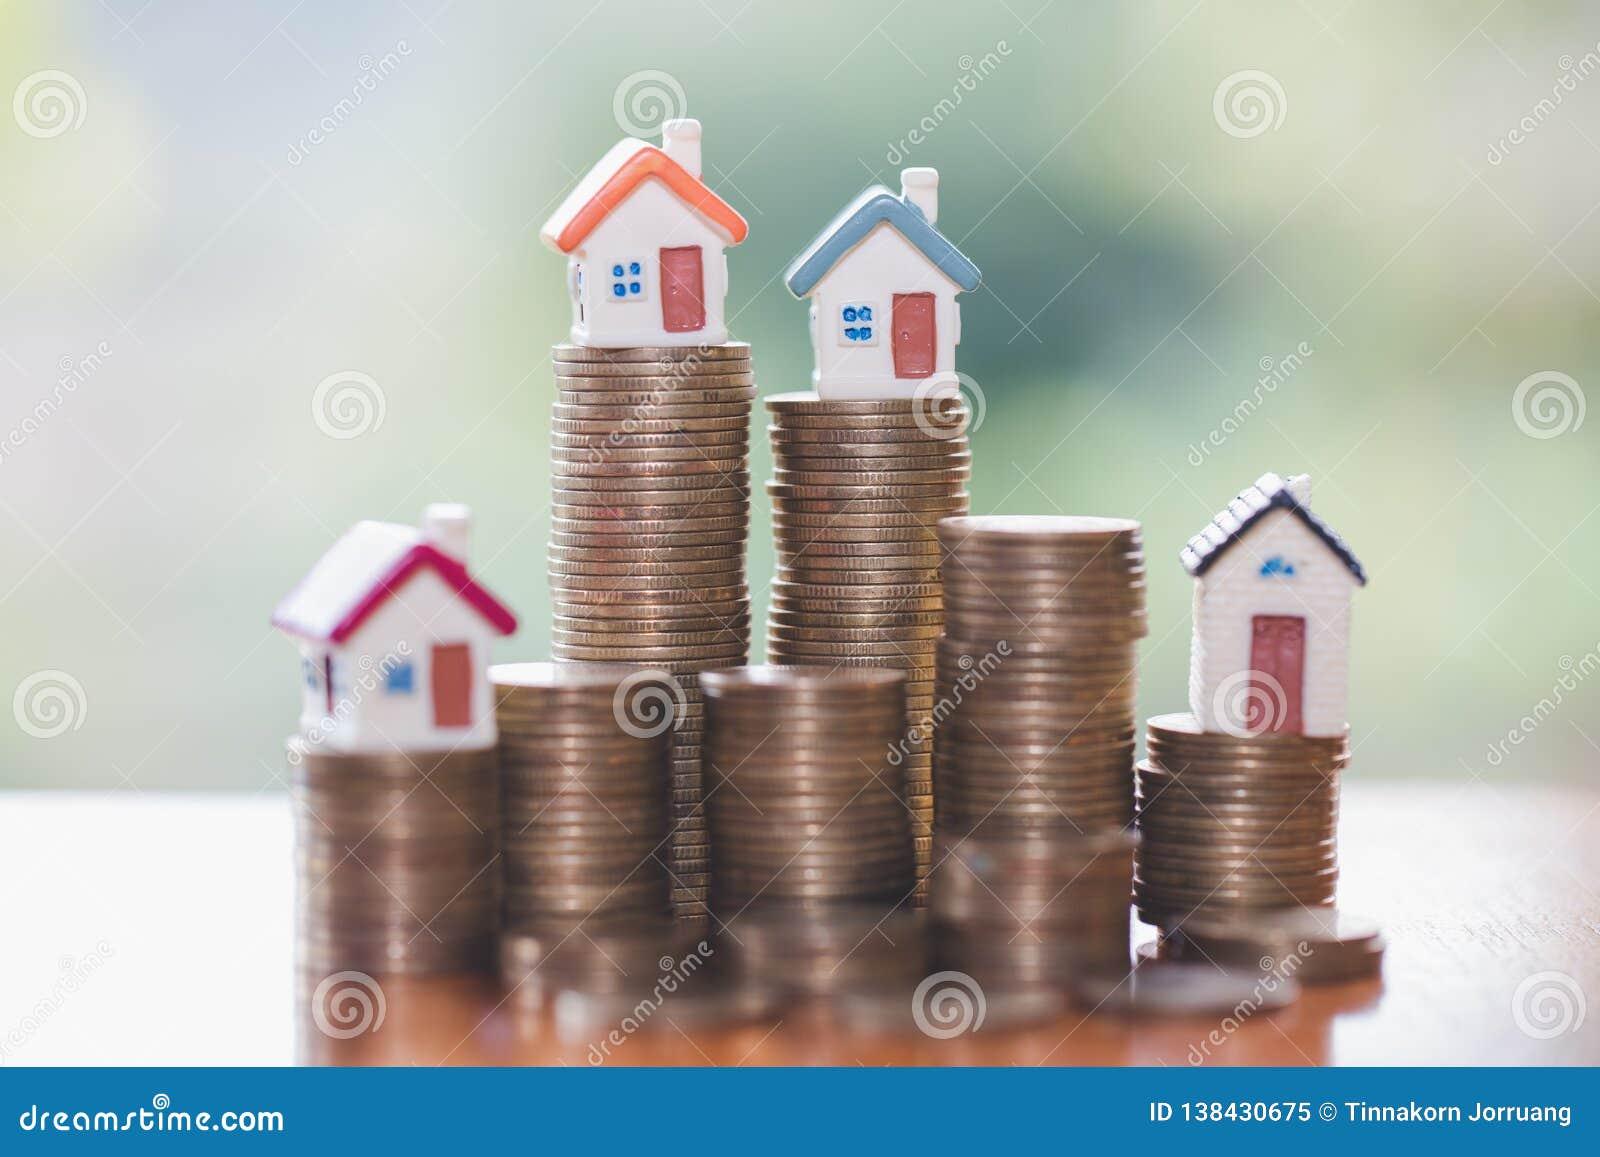 Мини дом на стоге монеток, вкладе недвижимости, сохраняет деньги с вкладом монетки стога, роста дела и финансовым,